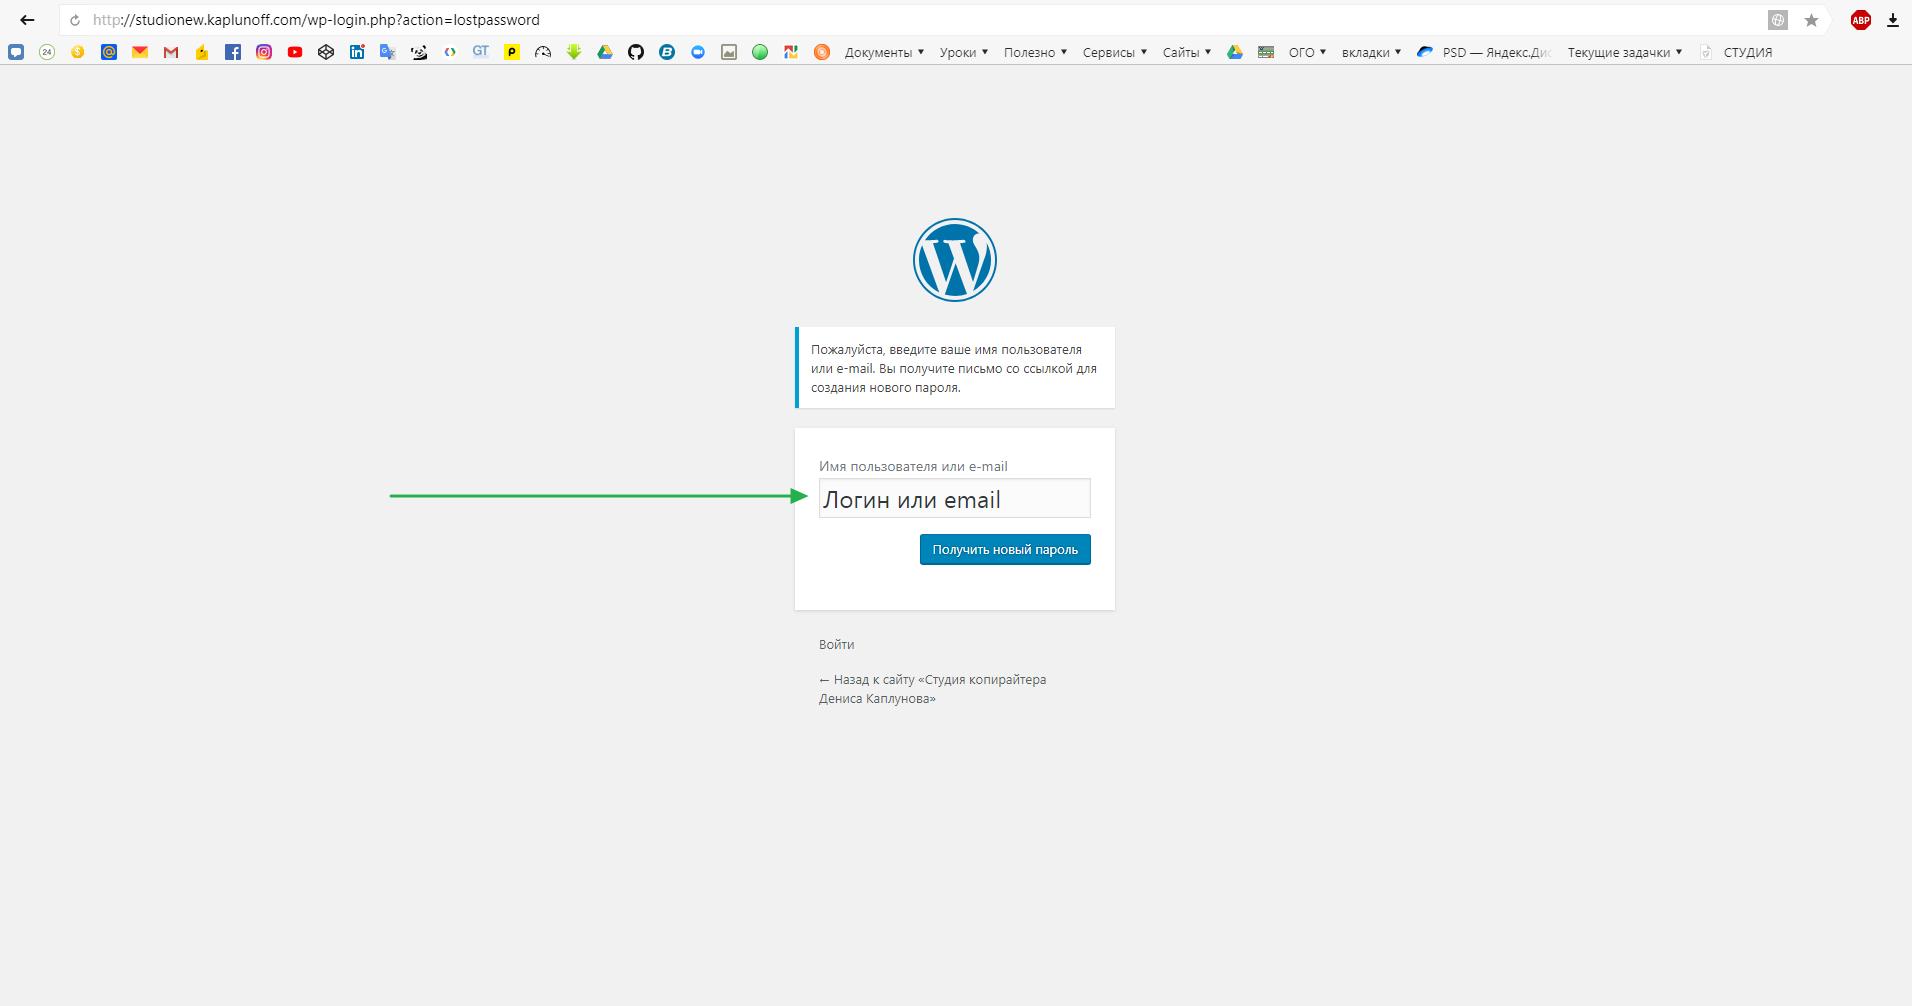 Инструкция. Как войти в админку WordPress